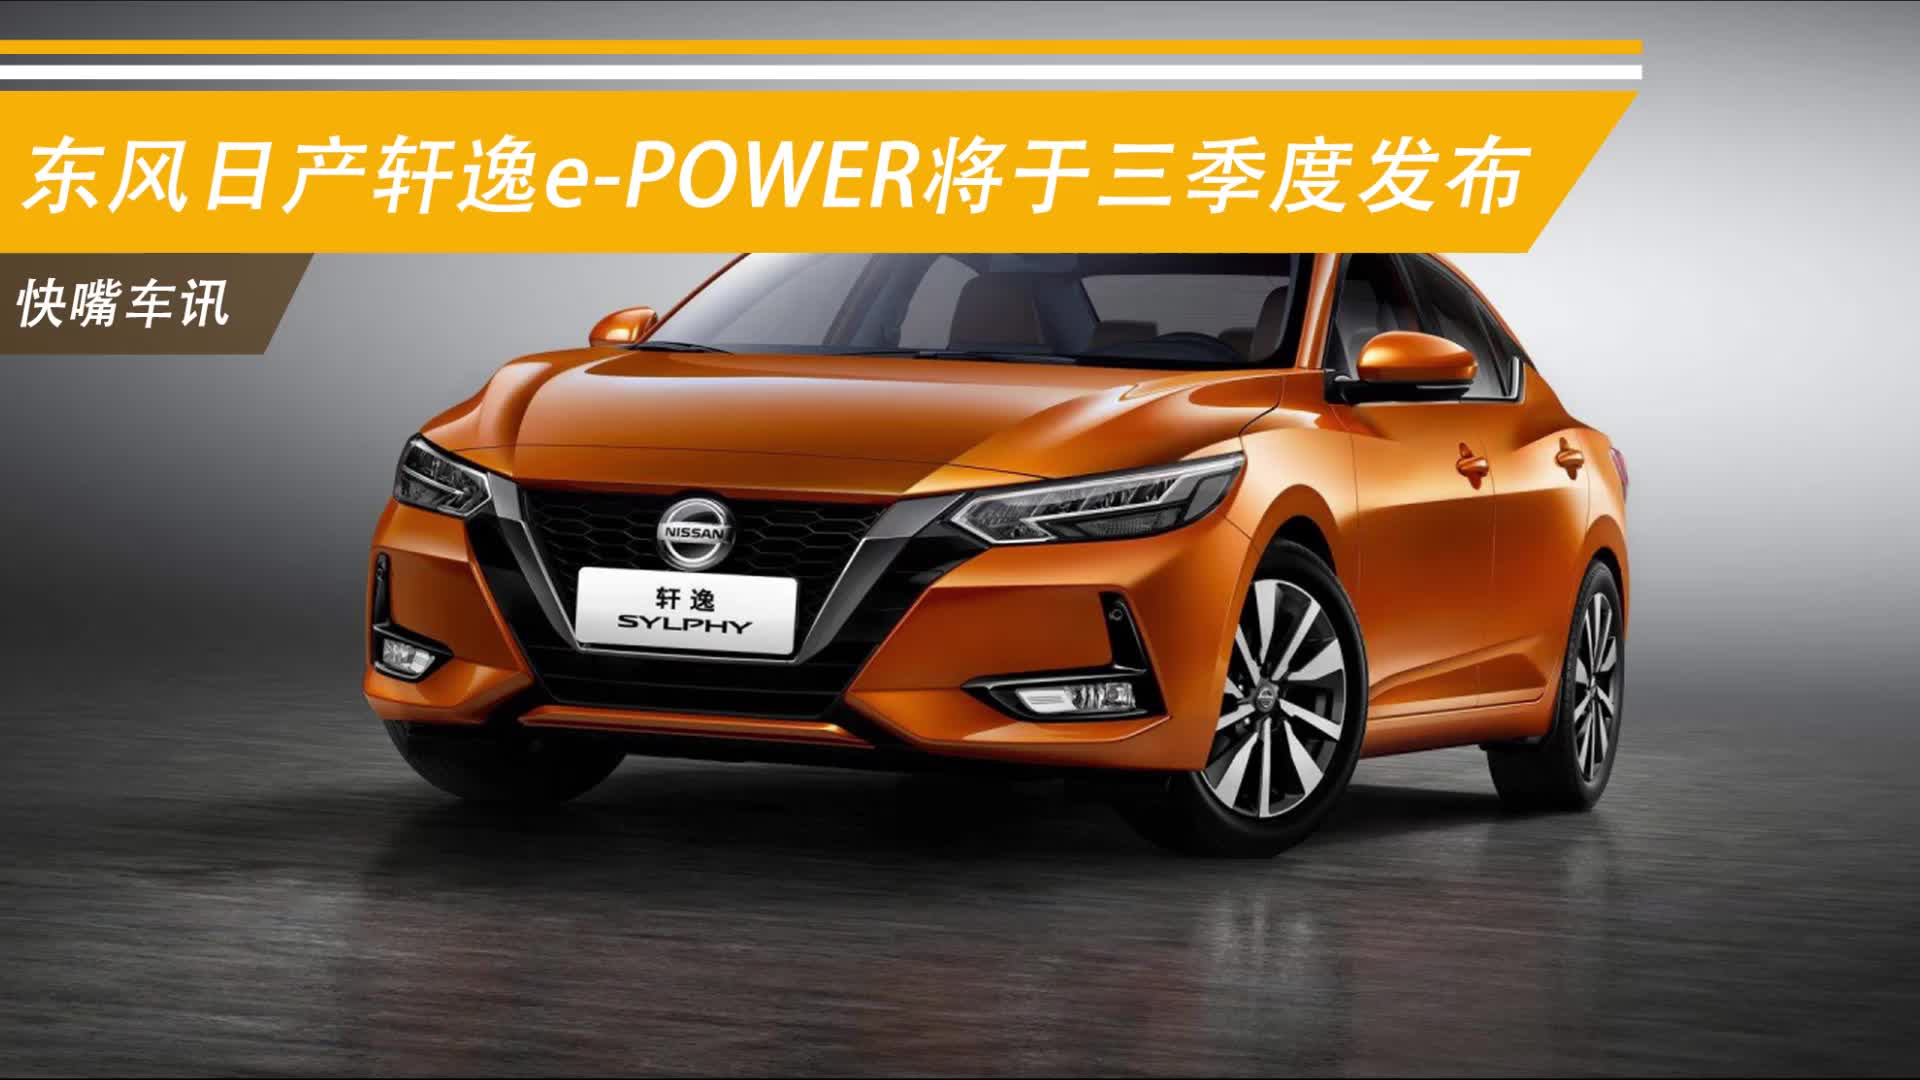 视频:东风日产轩逸e-POWER将于三季度发布